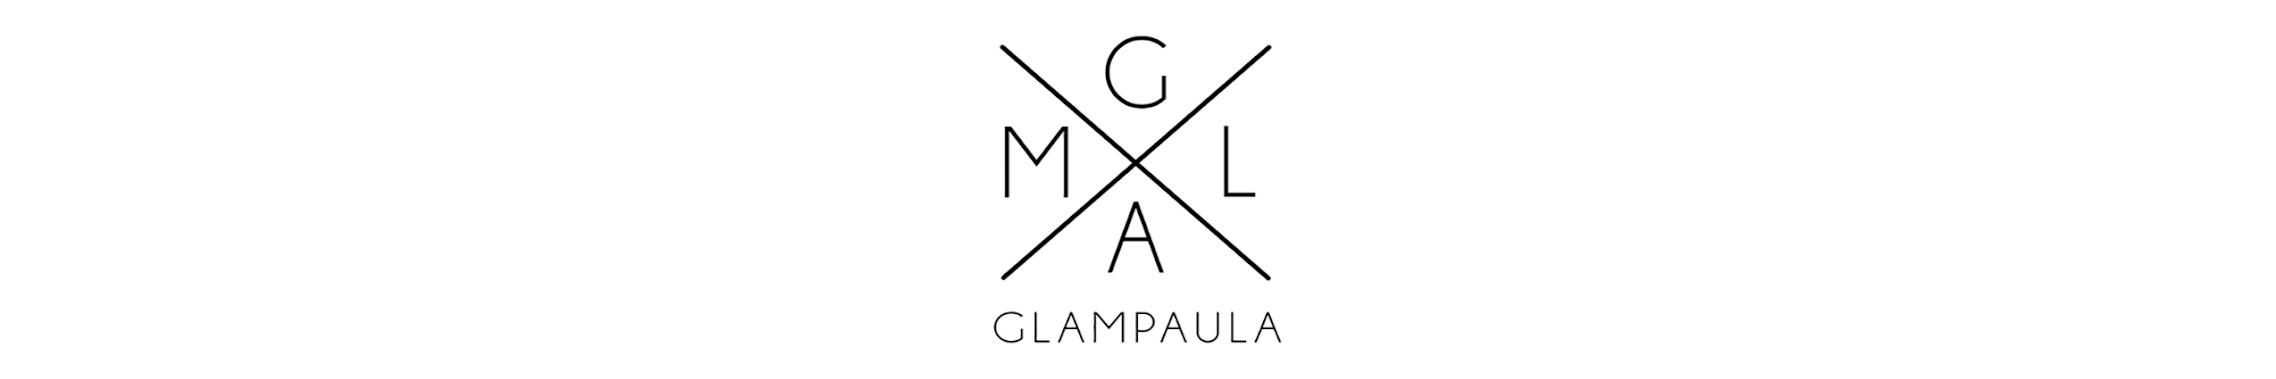 GlamPaulaTV